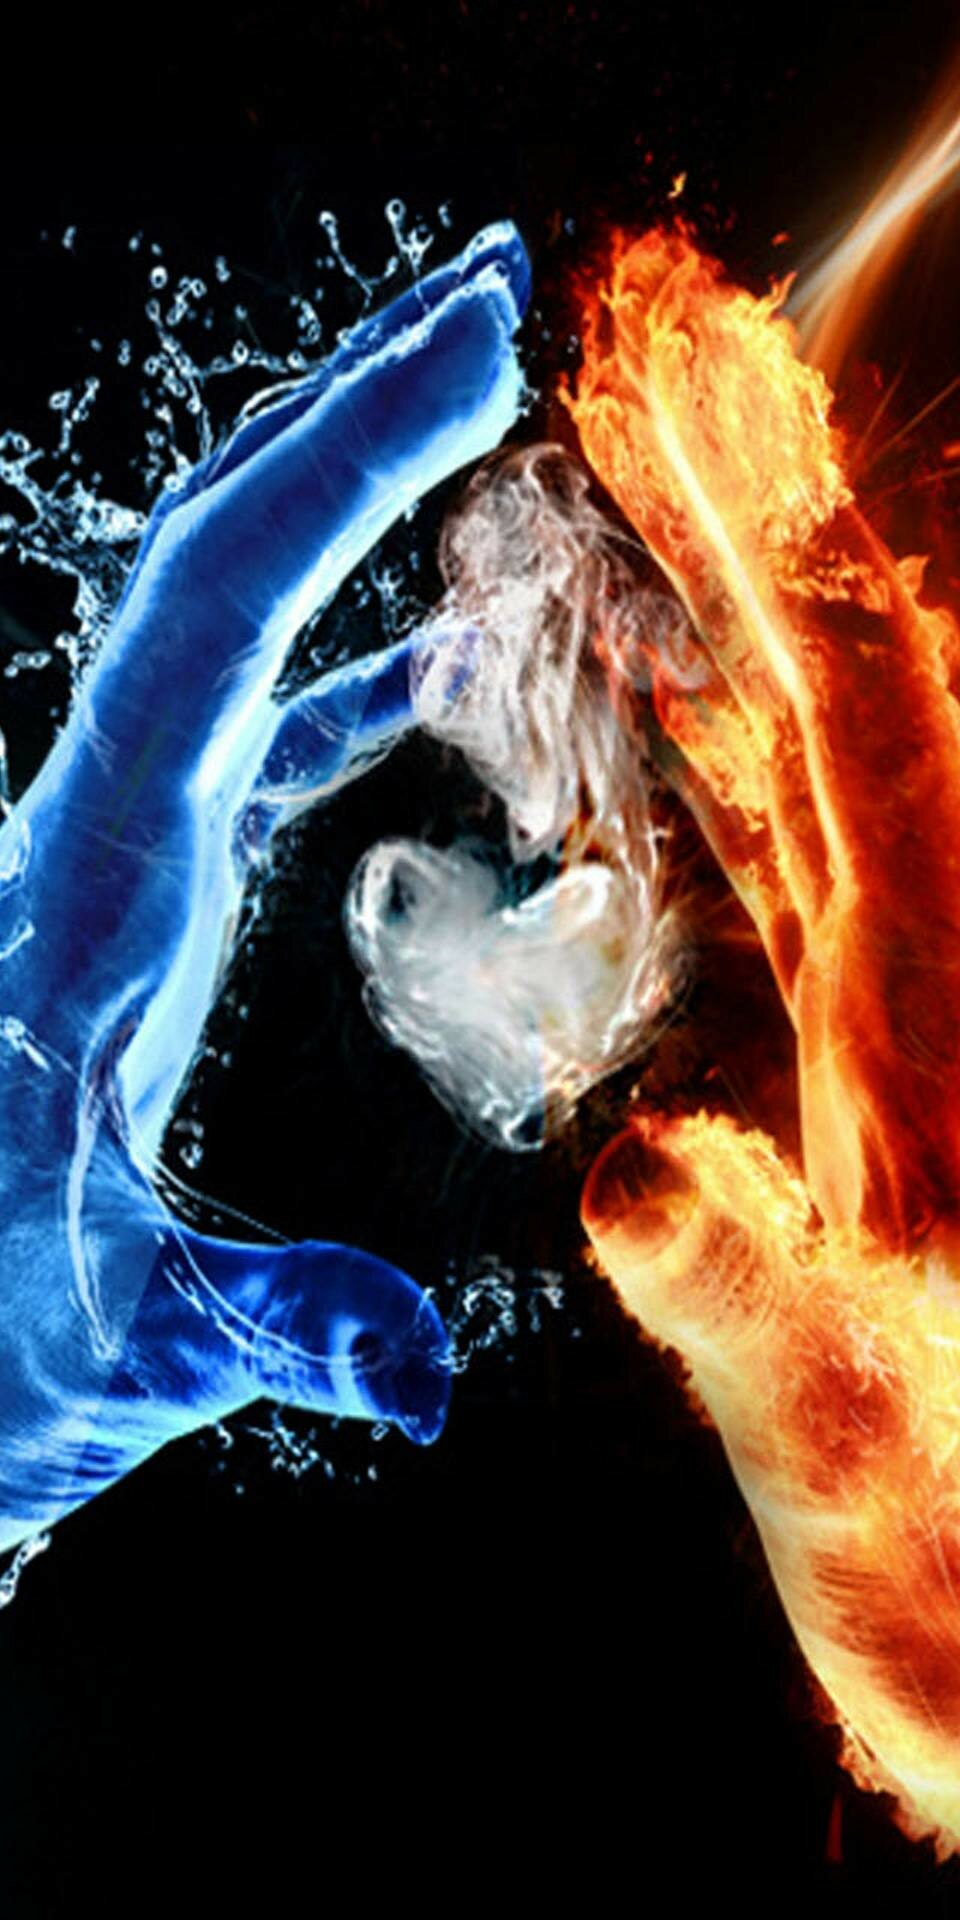 имеровигли картинки между двумя огнями норковая